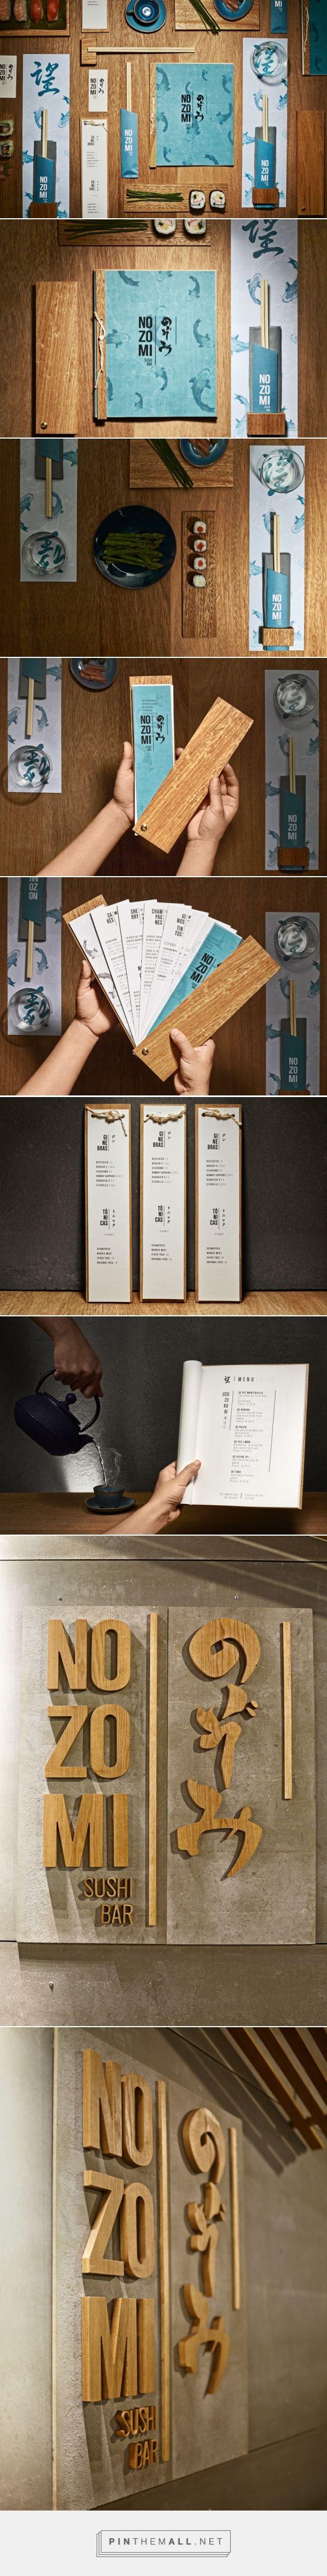 Was soll man dazu sagen... Starker Auftritt. Und ich mag Sushi. :D | | #design #grafikdesign #identität #sushi | | Mehr Ideen auf www.dermichael.net